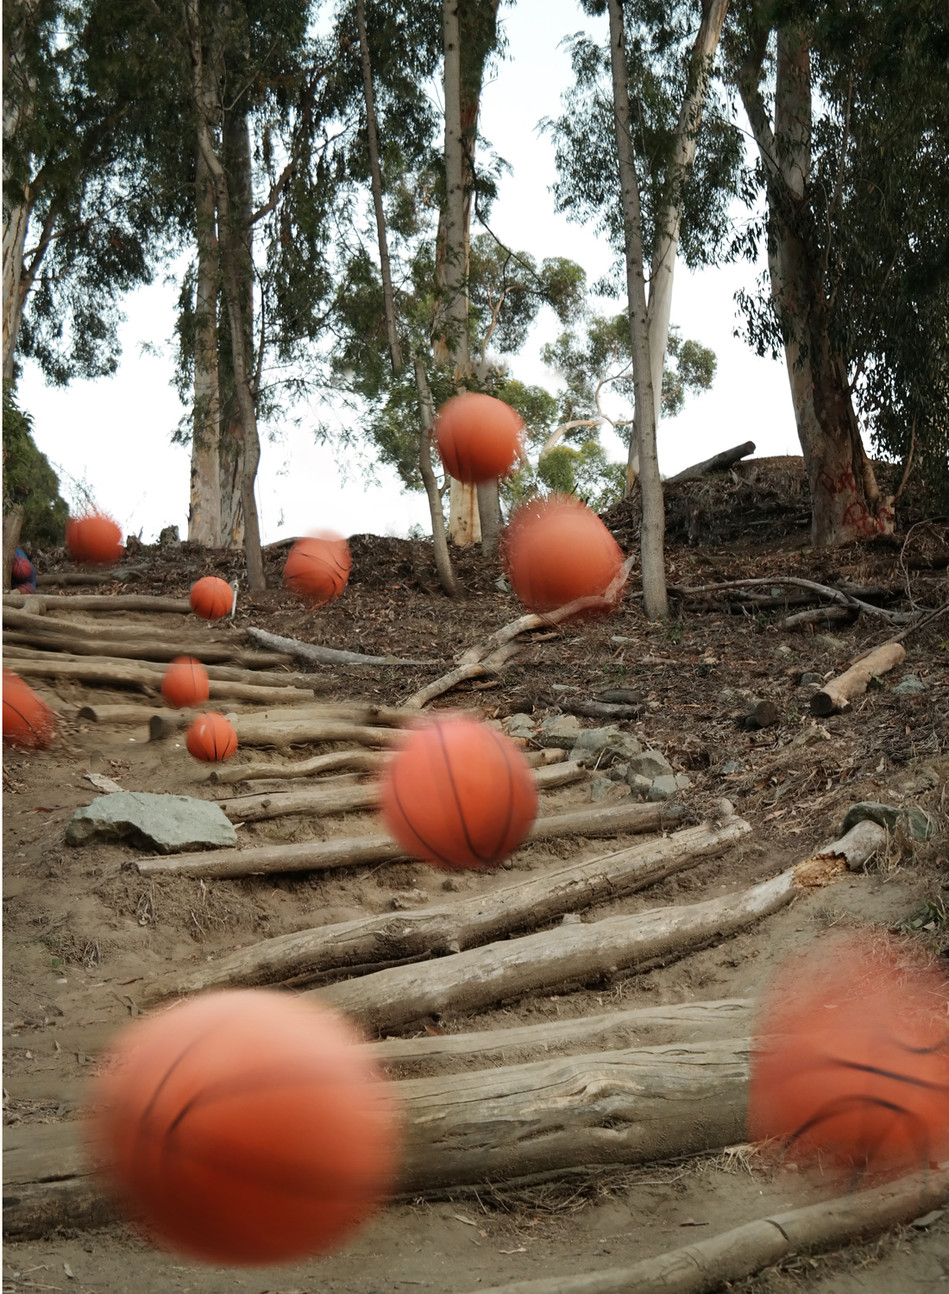 Balls Desending a Staircase